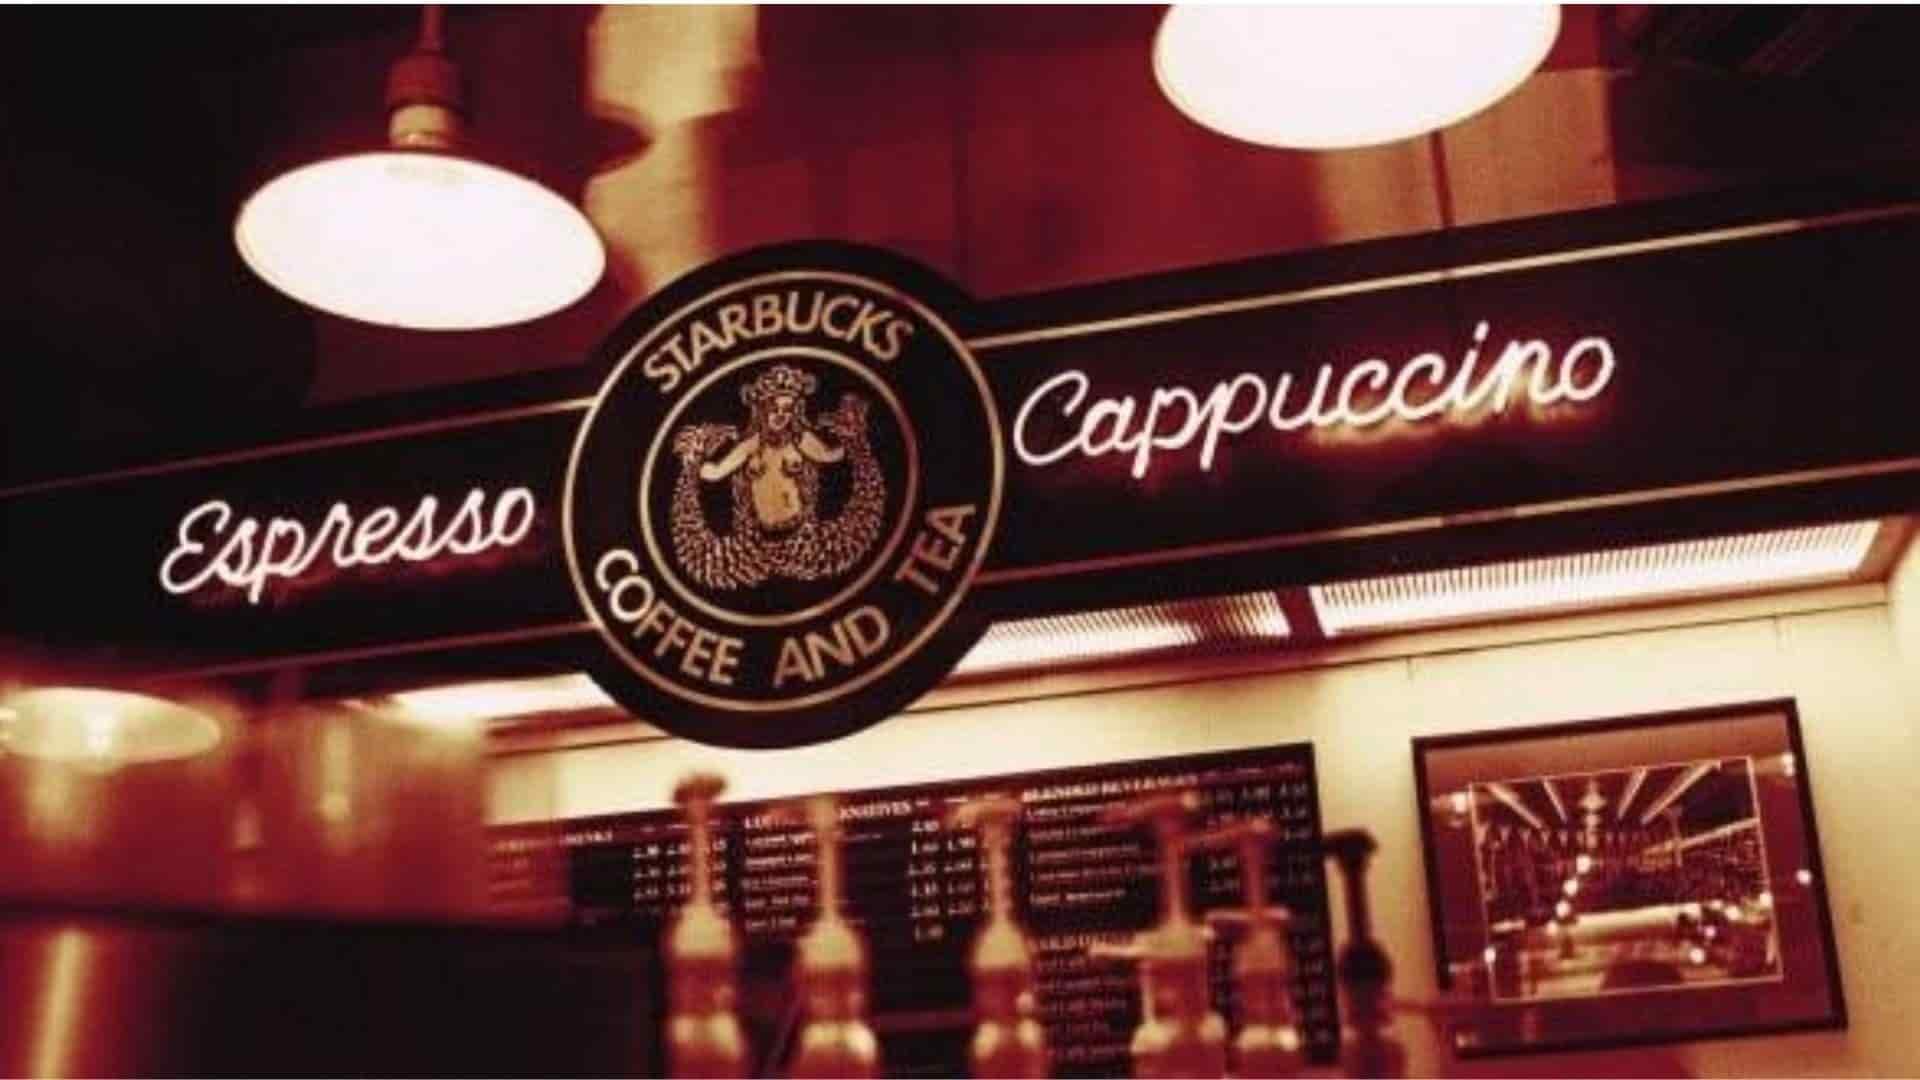 Starbucks Espresso Cappuccino